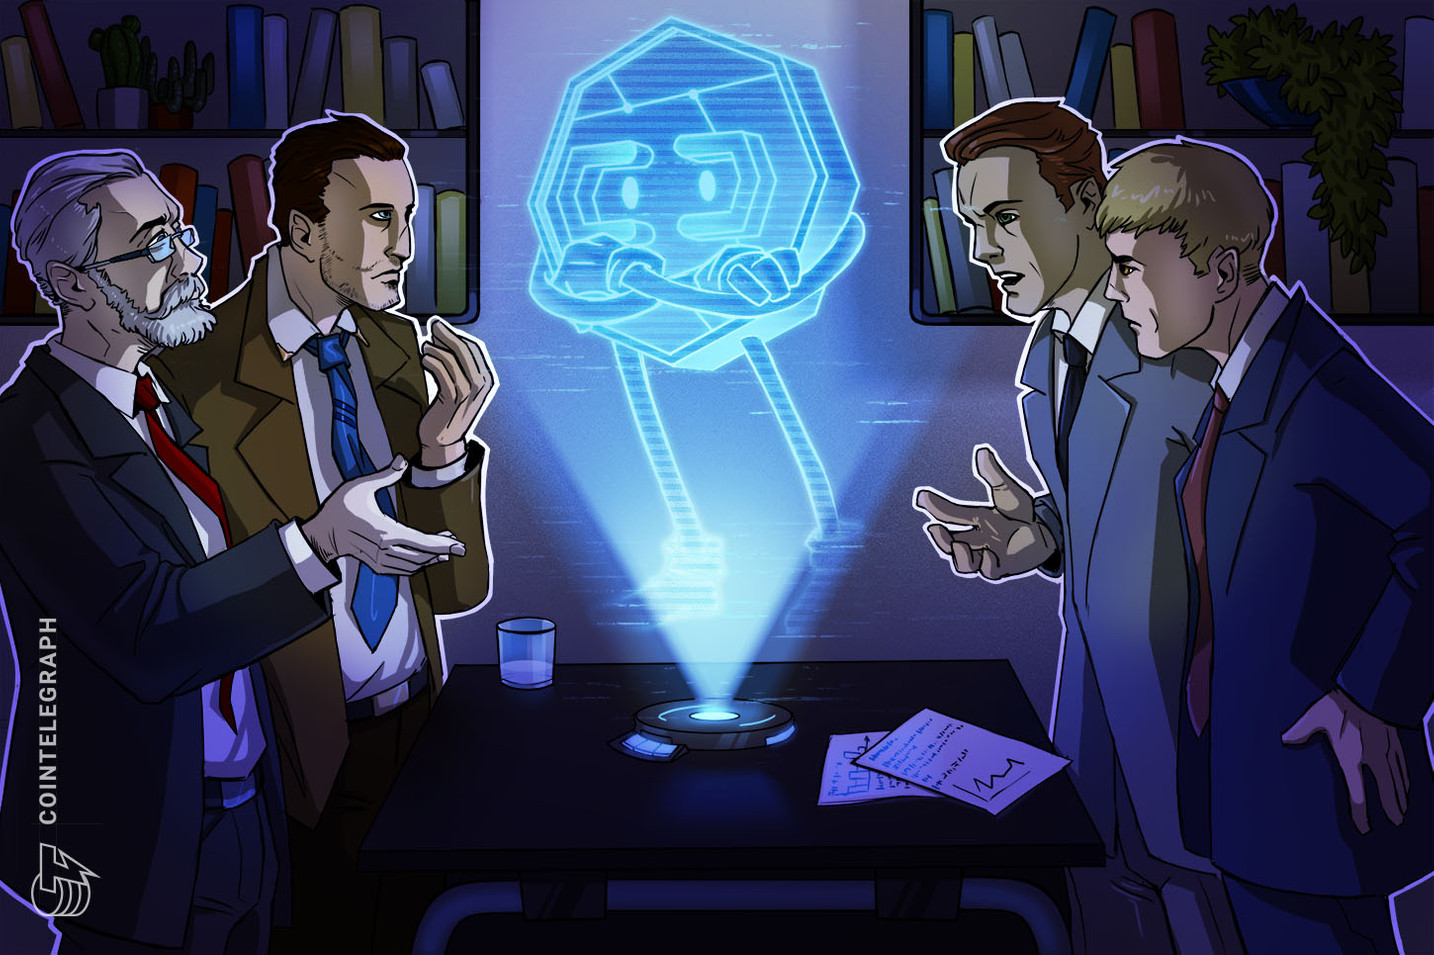 El banco central ruso es poco previsor con respecto a las criptomonedas, afirma un legislador